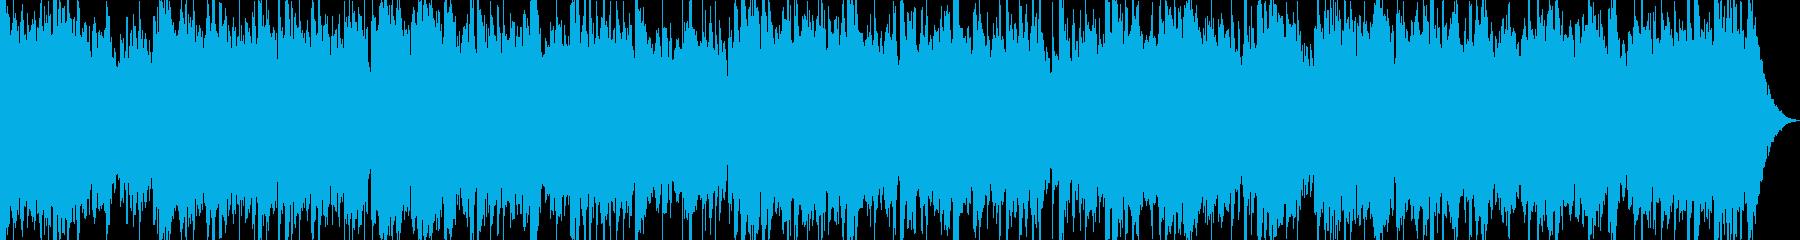 都会的なポップバラードの再生済みの波形